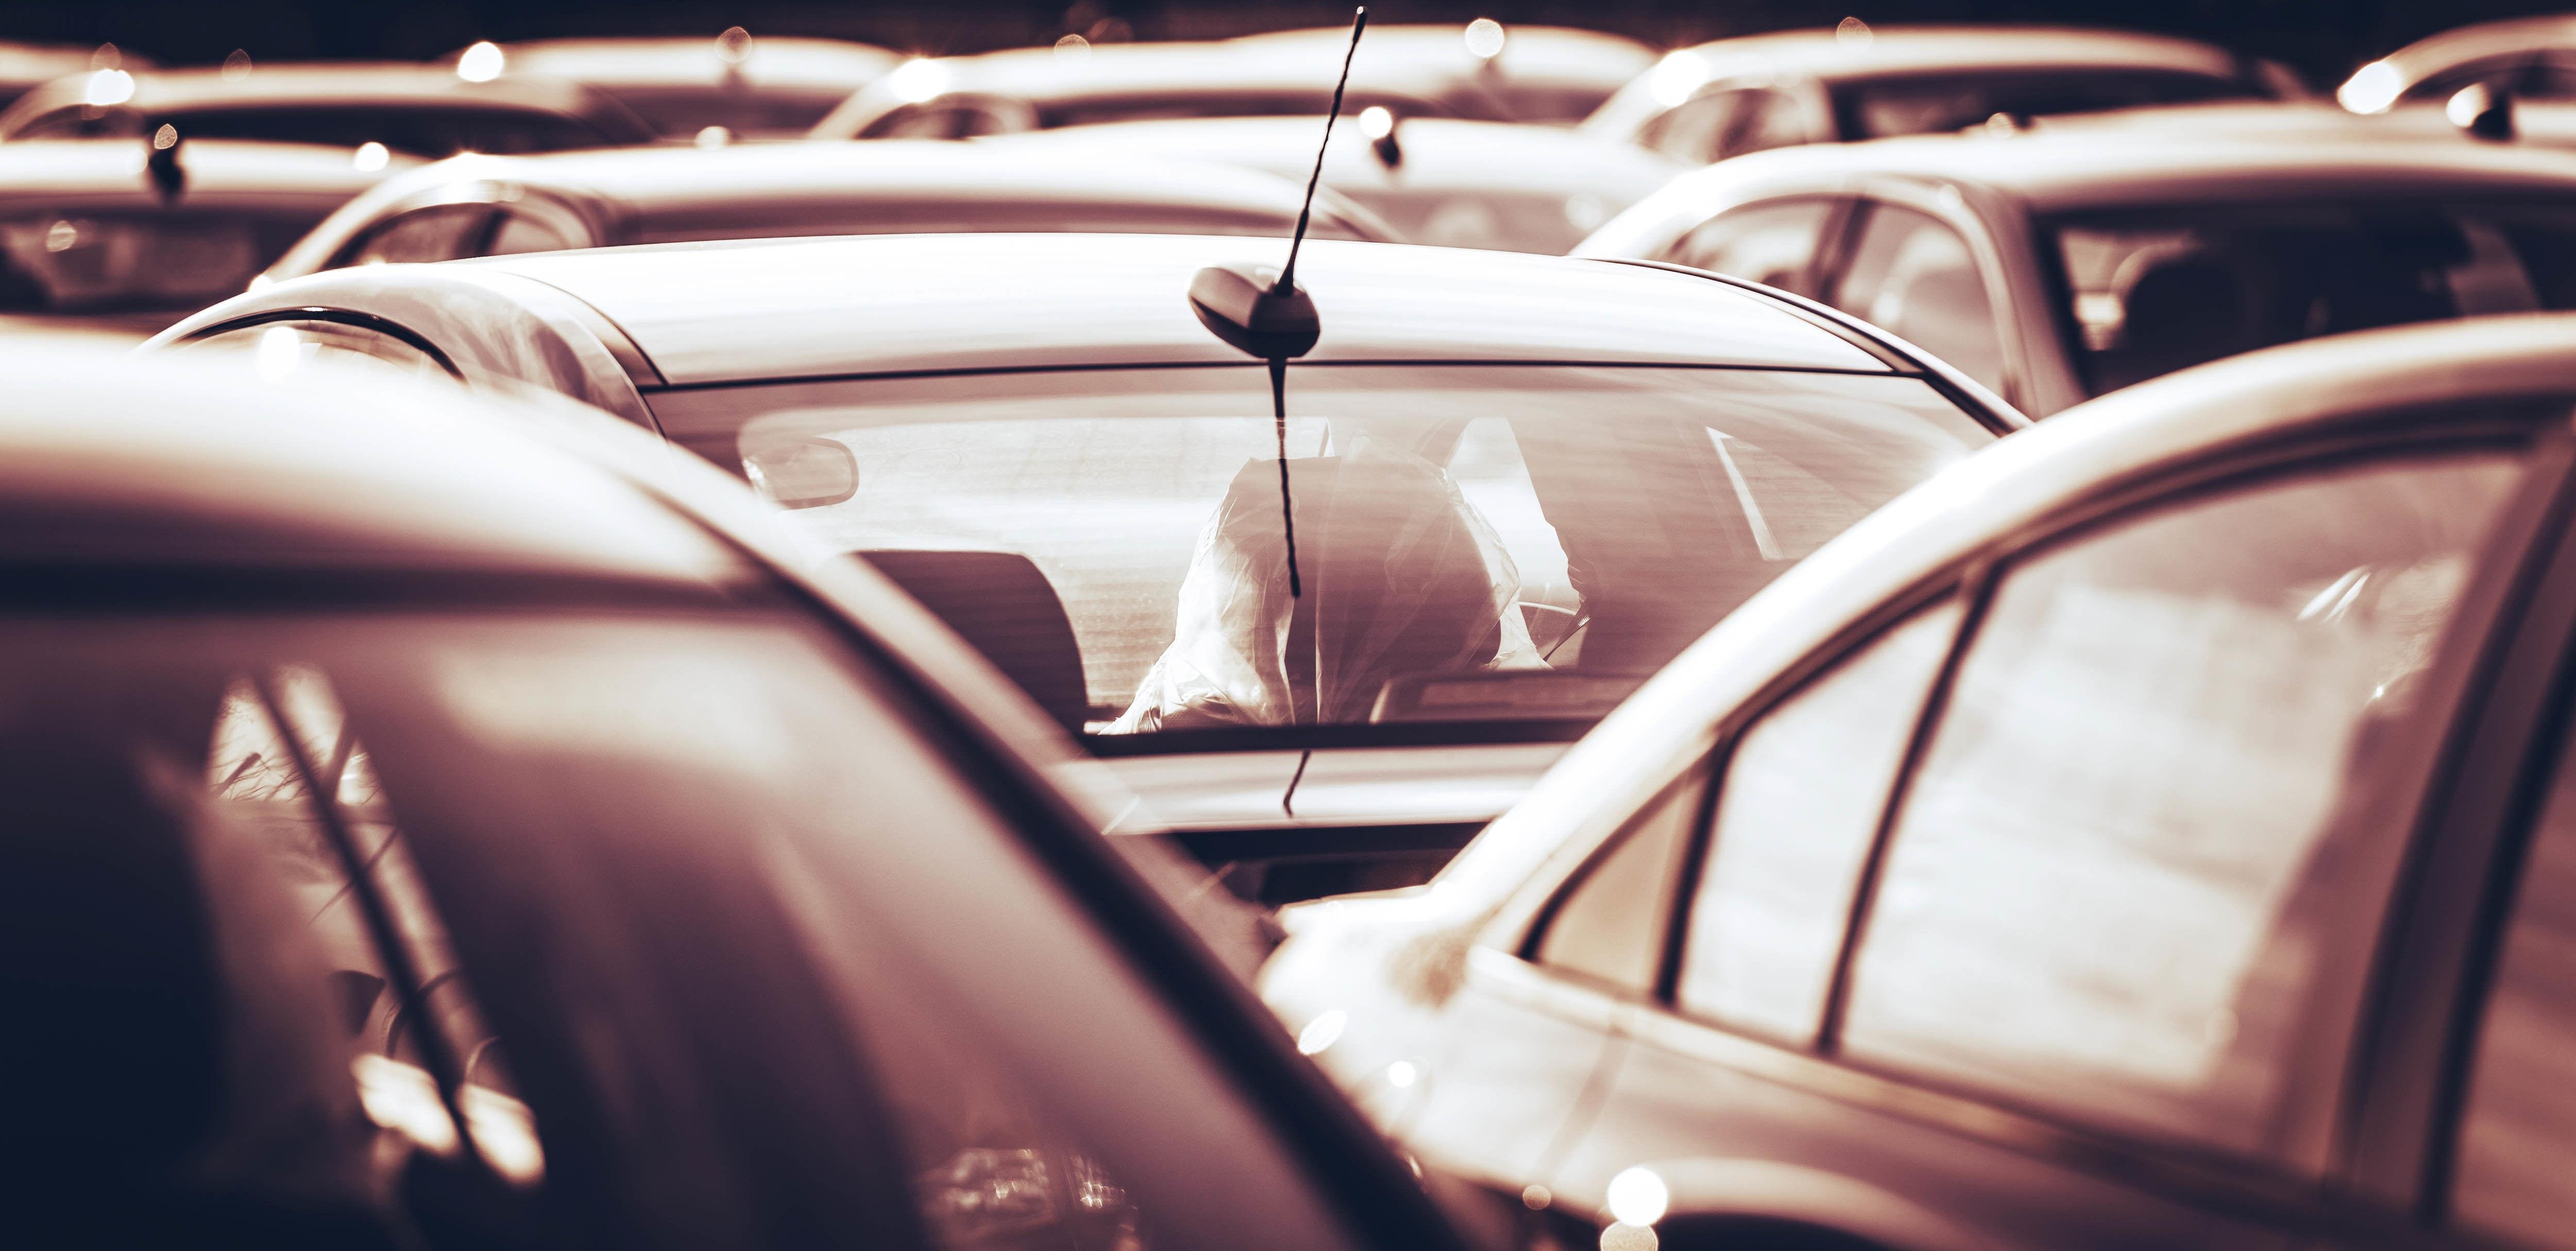 这家名为 ETCP 的公司想扼住停车场的流量入口